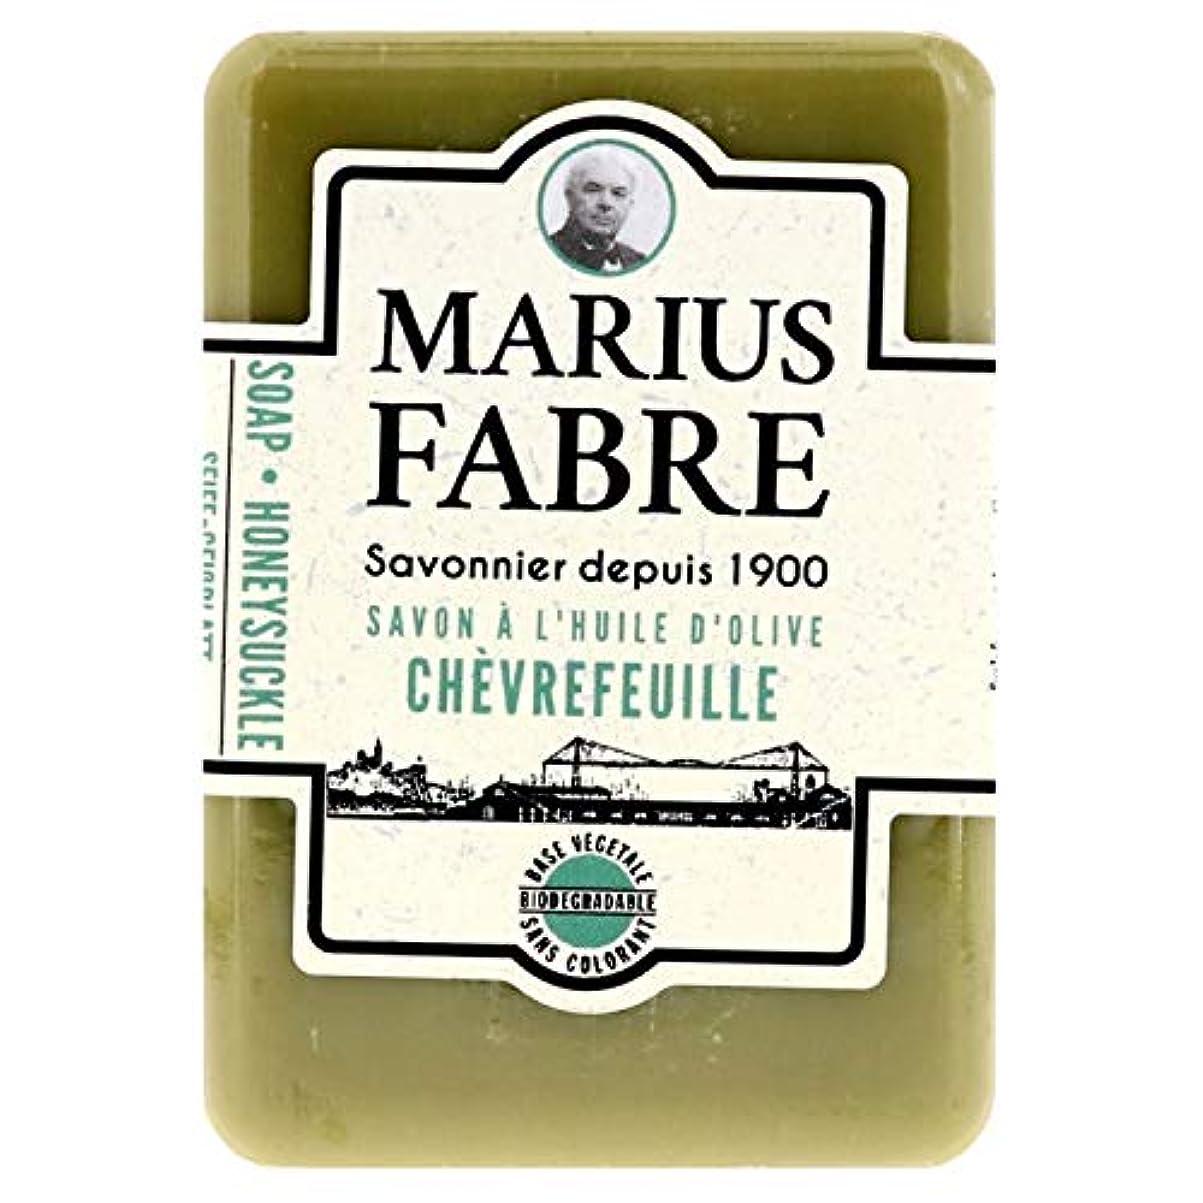 常習的慣らす薬を飲むサボンドマルセイユ 1900 ハニーサックル 150g